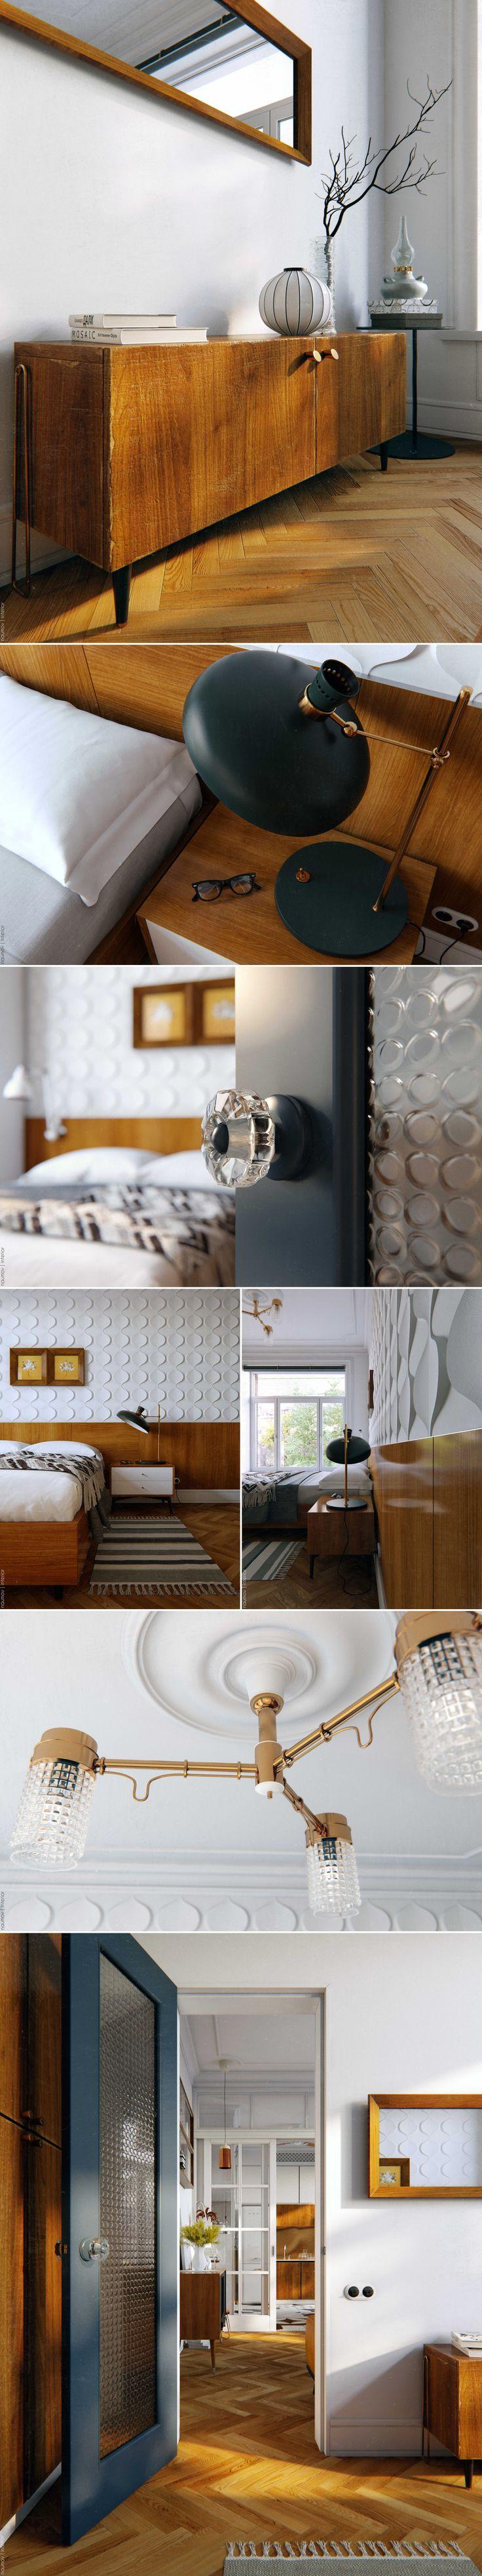 тихий Центр. Квартира | 58 м2 - Галерея 3ddd.ru